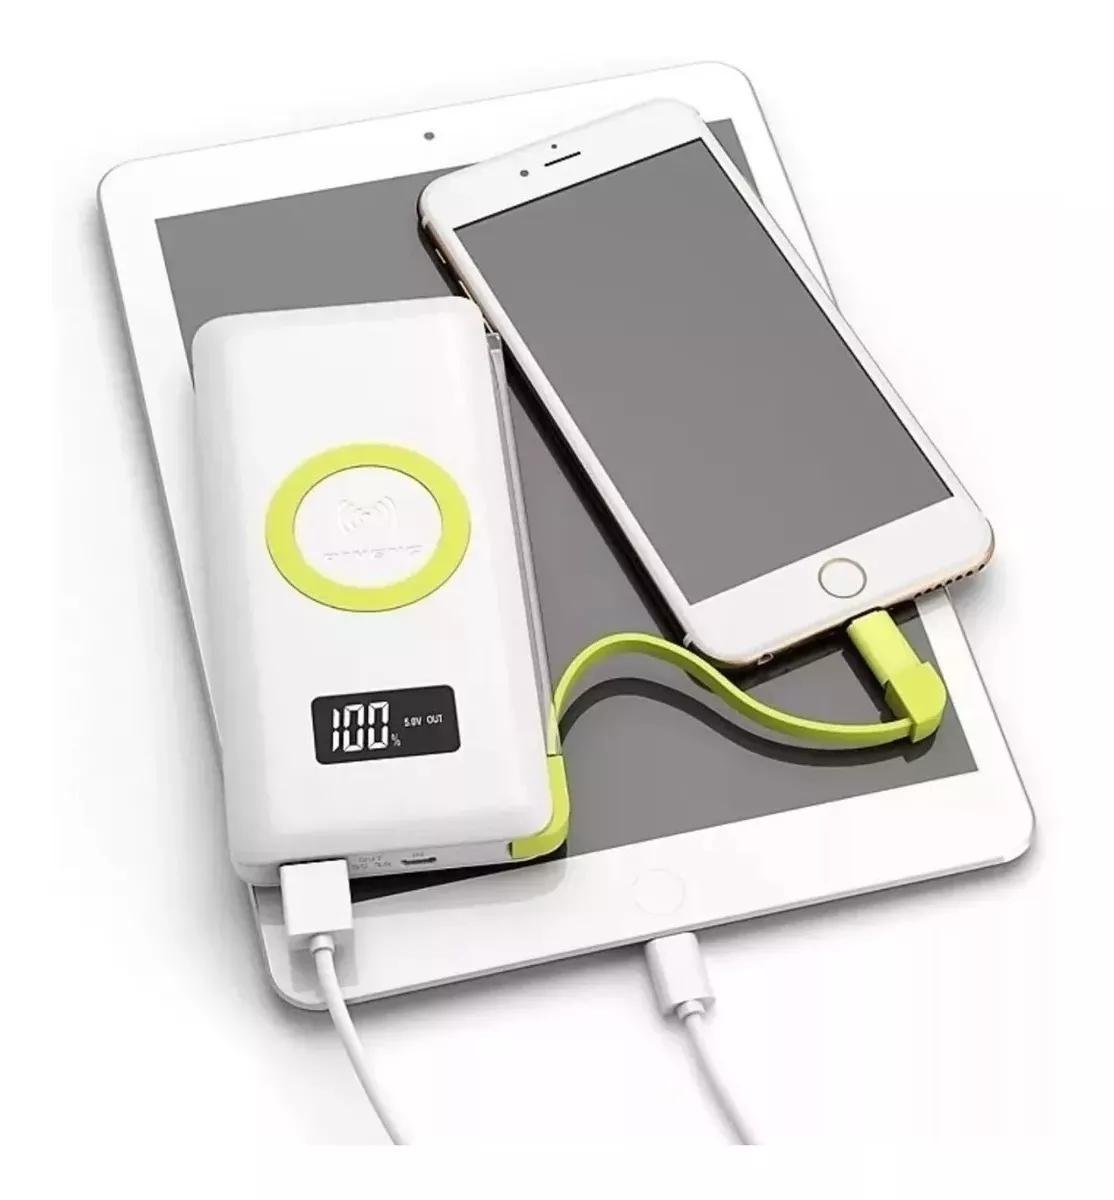 Bateria Externa Pineng 10.000mha Wireless